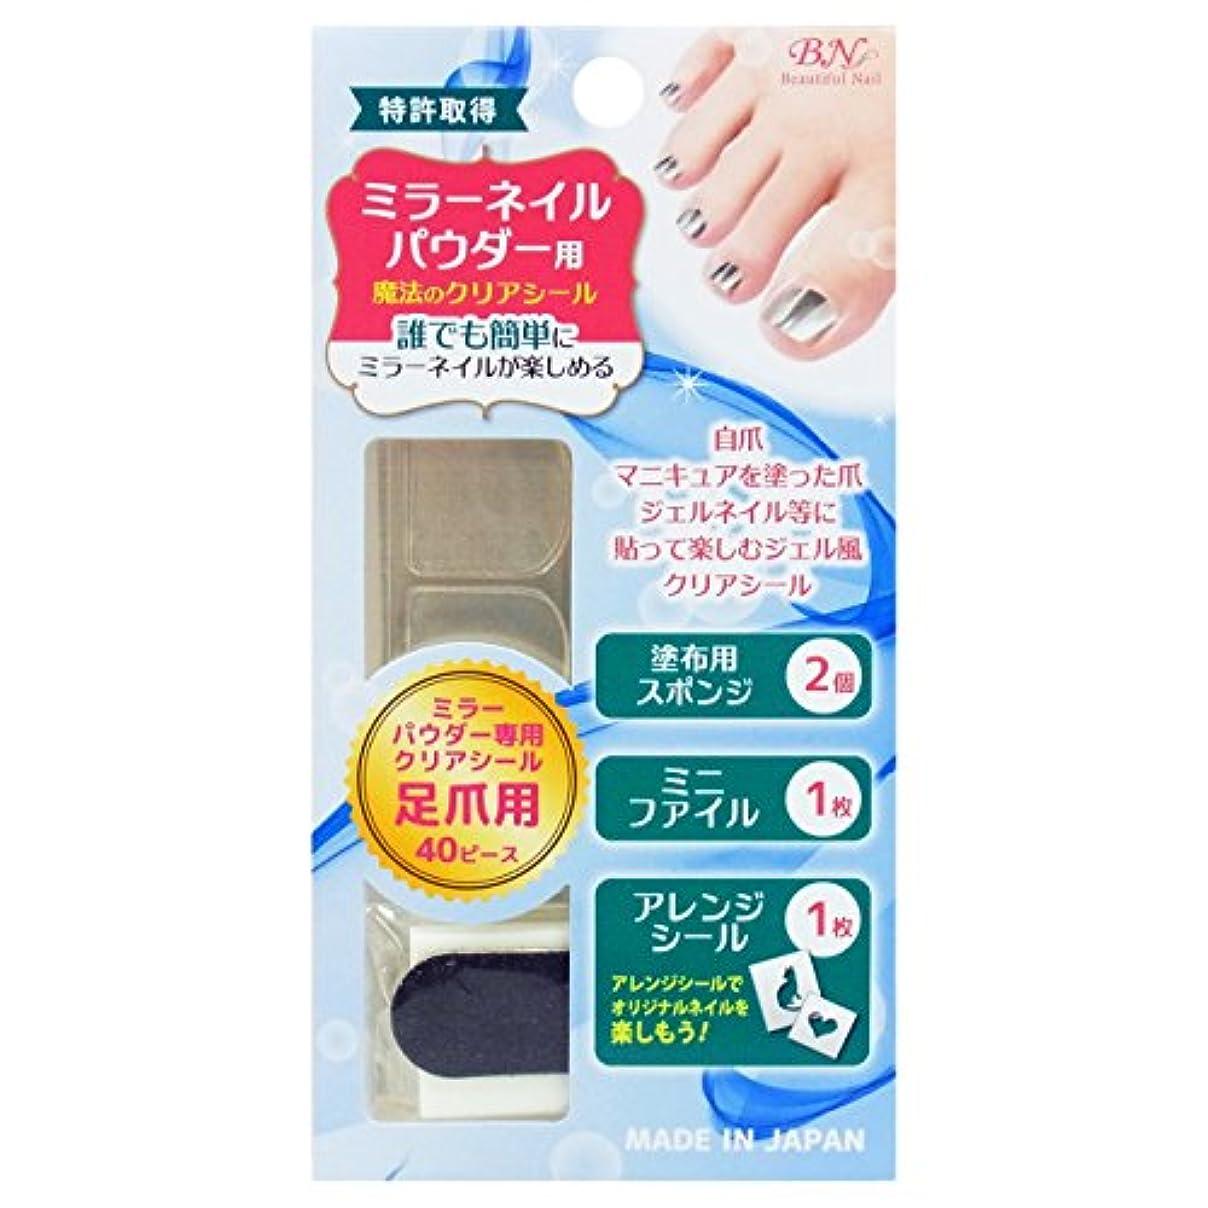 BN 魔法のクリアシール 足爪用 MCL-02 (40ピース)